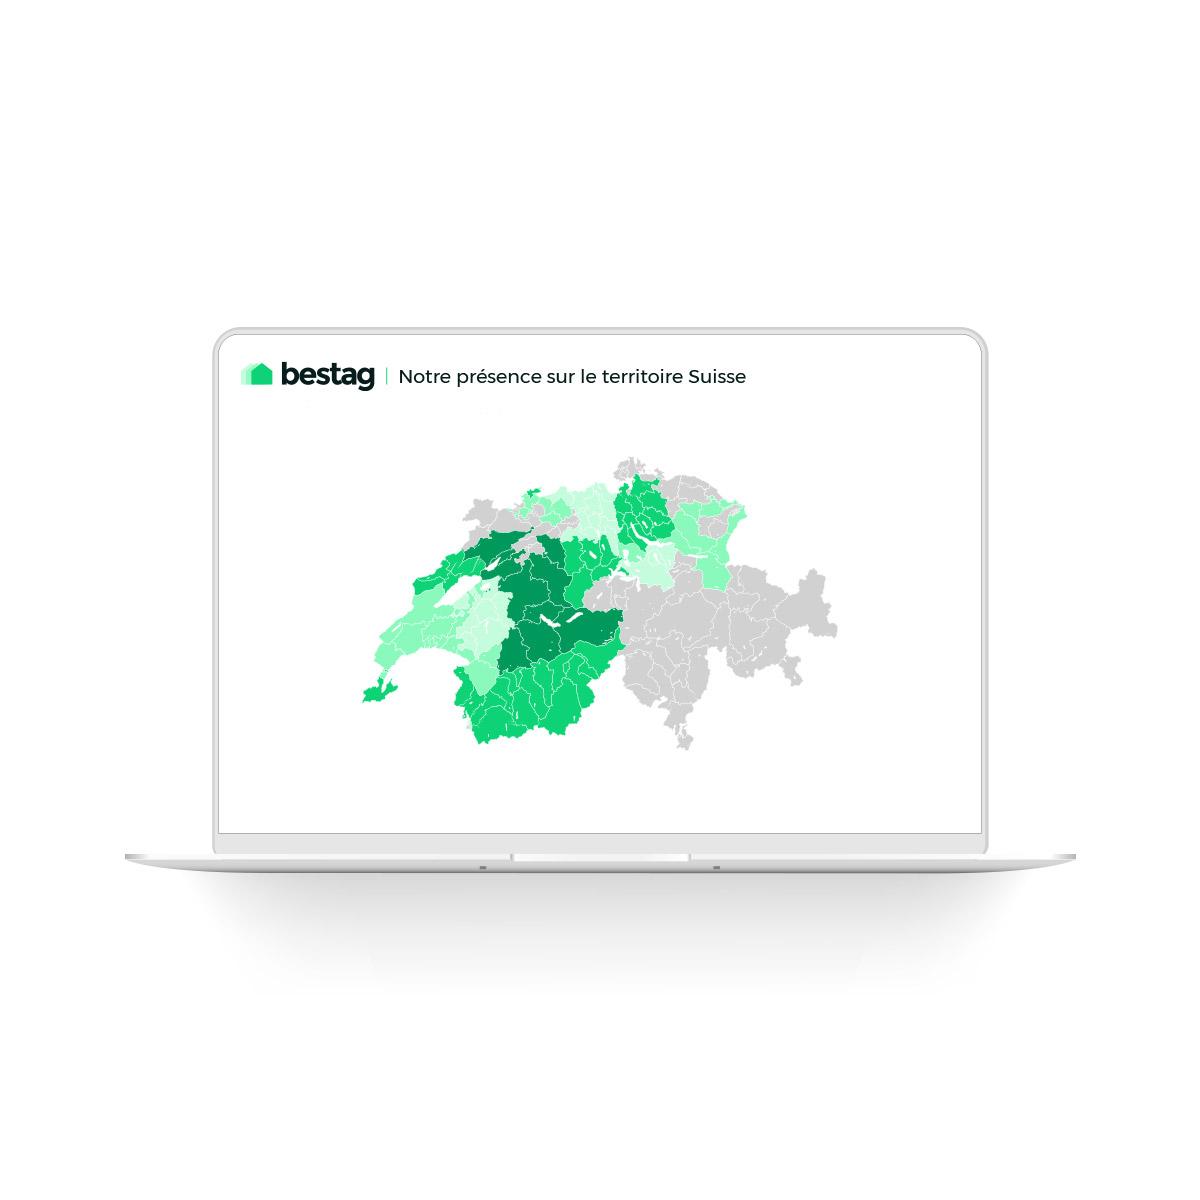 création graphique carte territoire suisse bestag